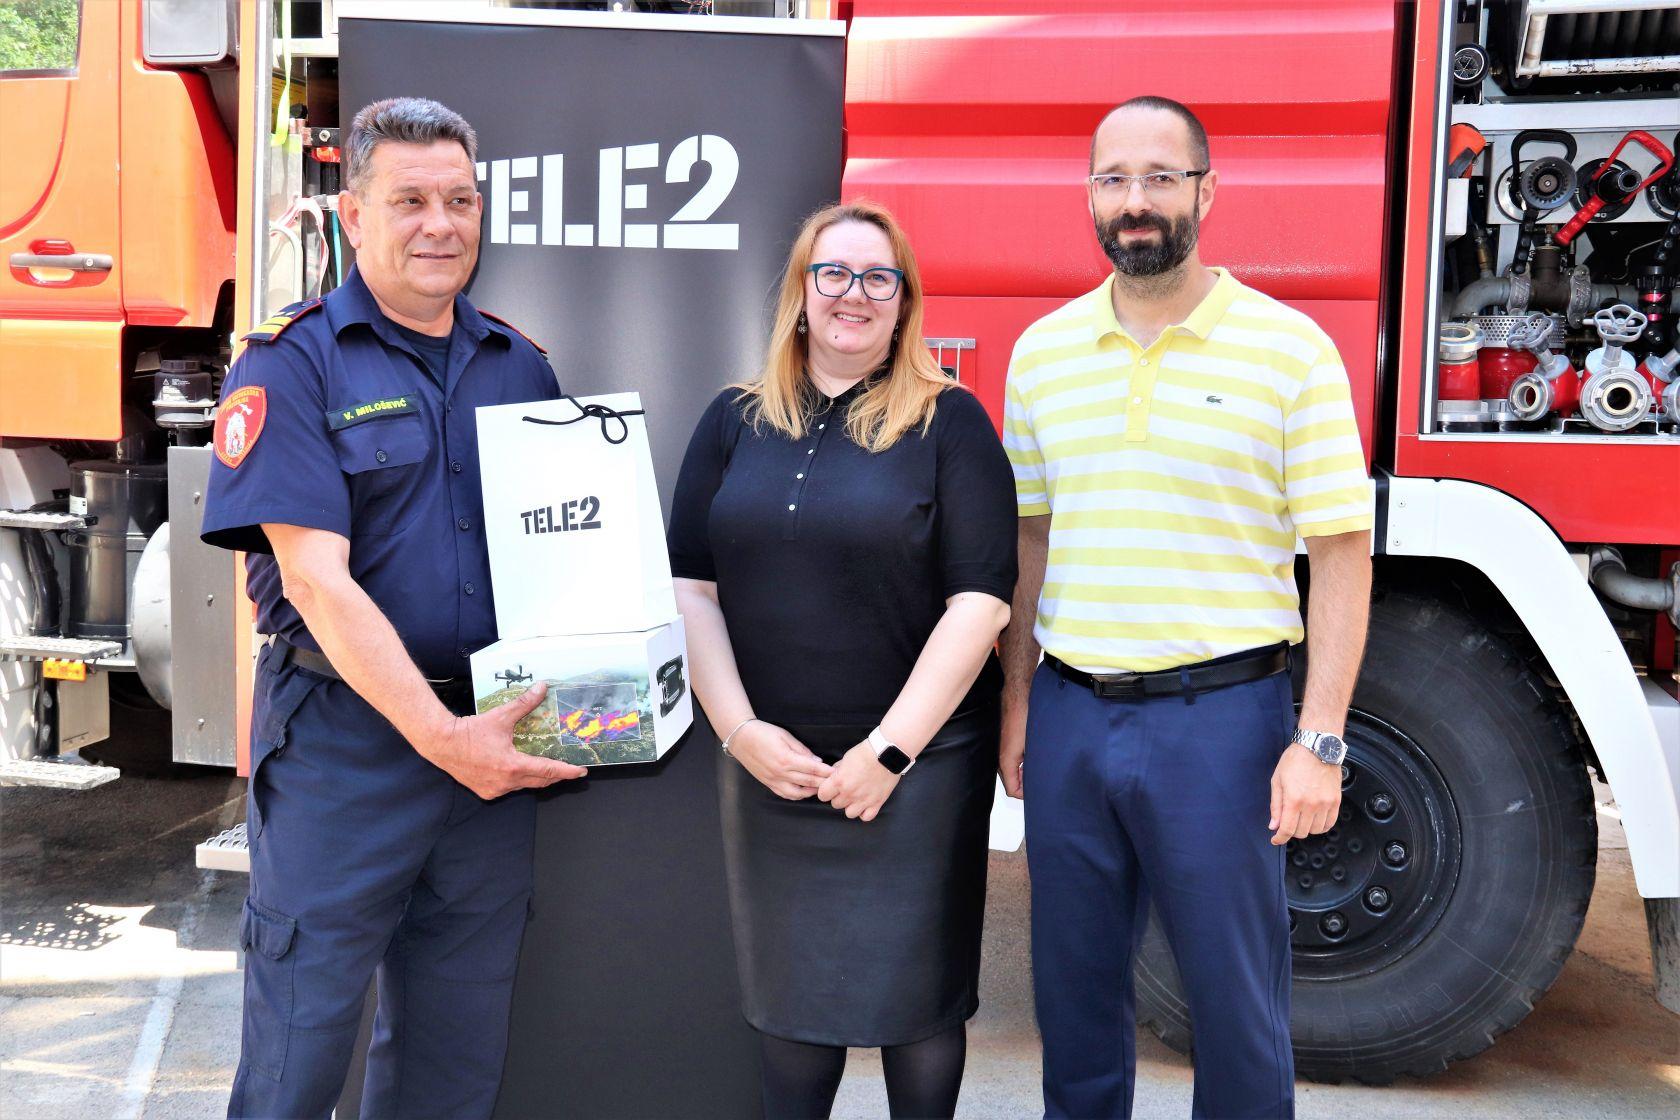 Javnoj vatrogasnoj postrojbi Grada Šibenika Tele2 donirao dron